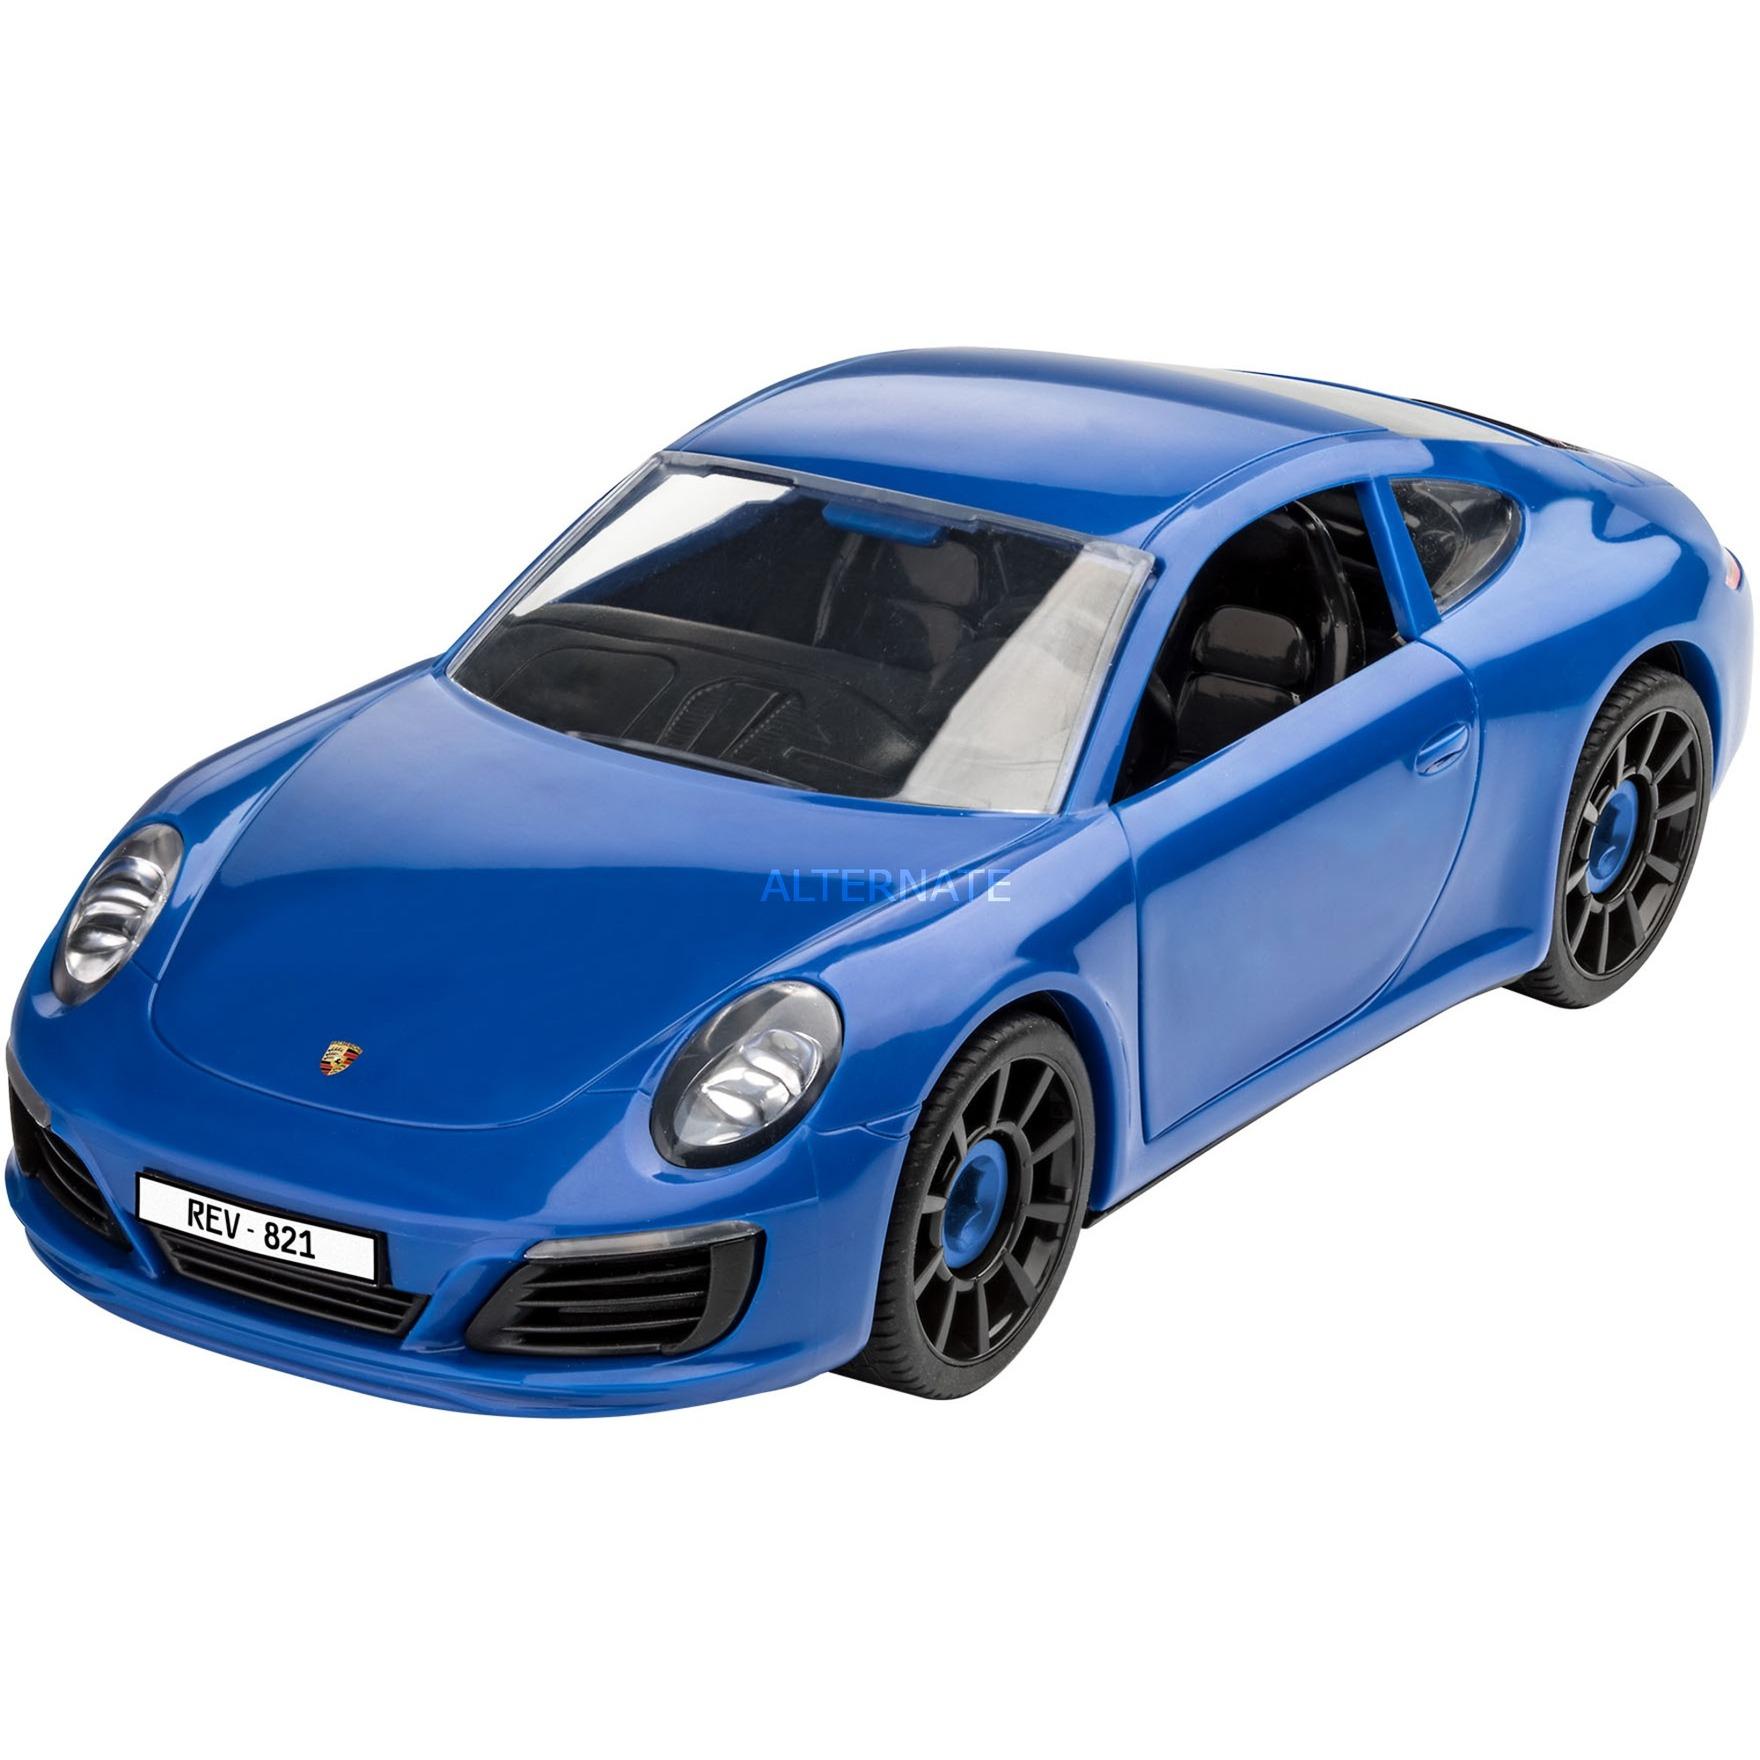 00821, Vehículo de juguete